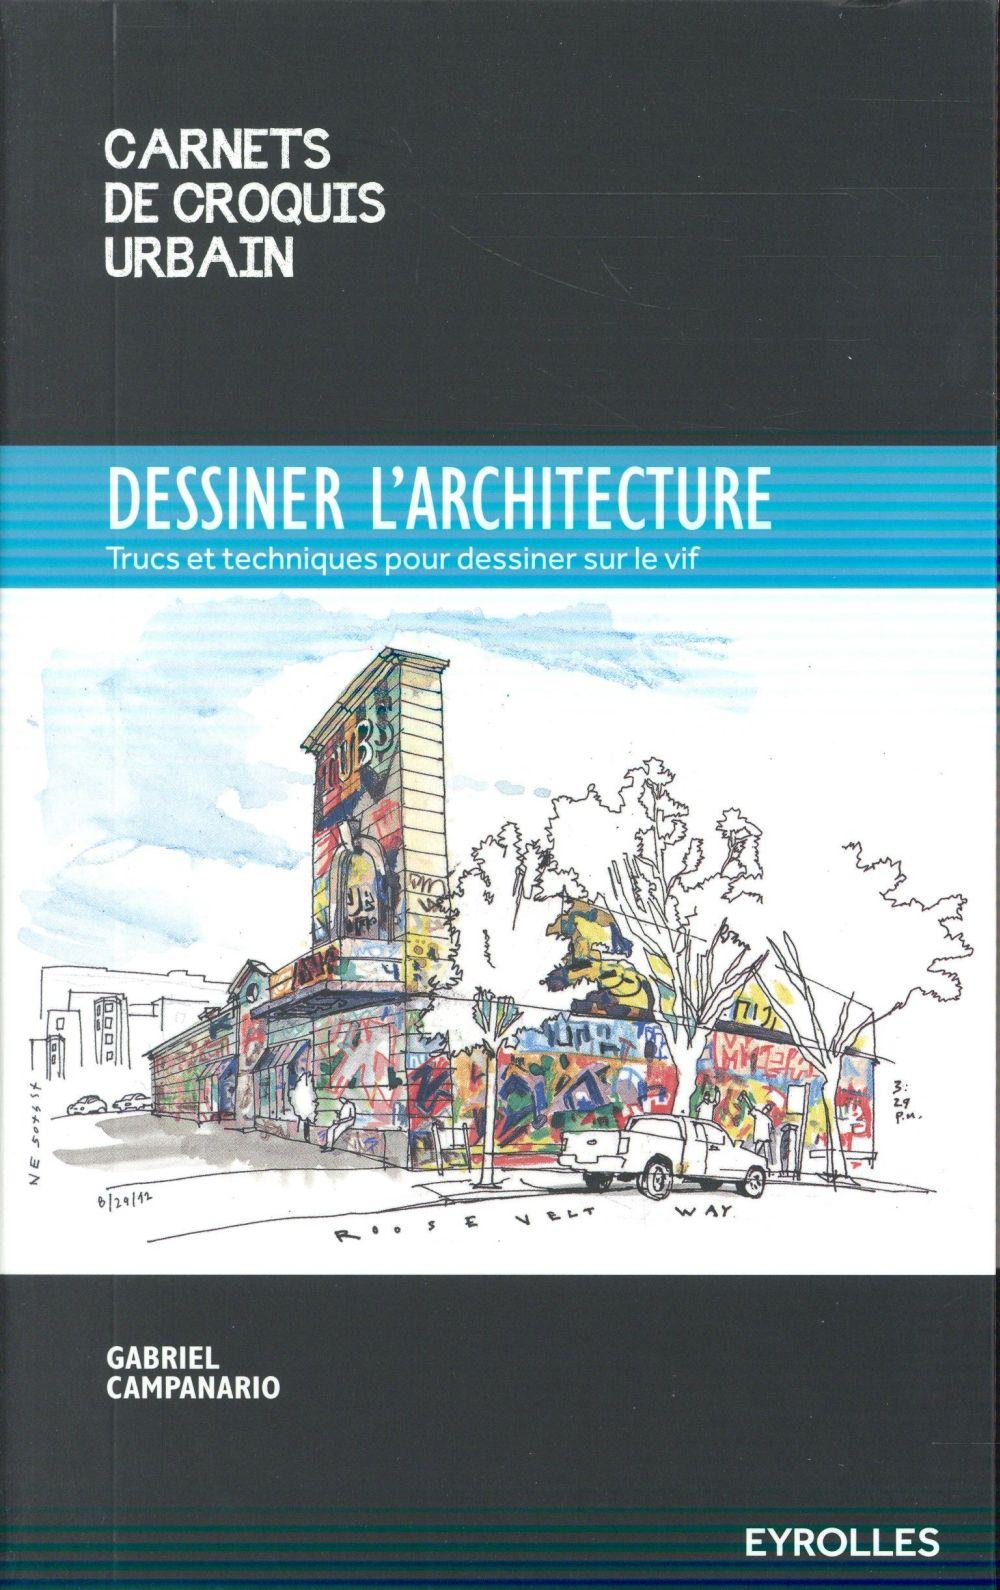 dessiner l'architecture ; trucs et astuces pour dessiner sur le vif